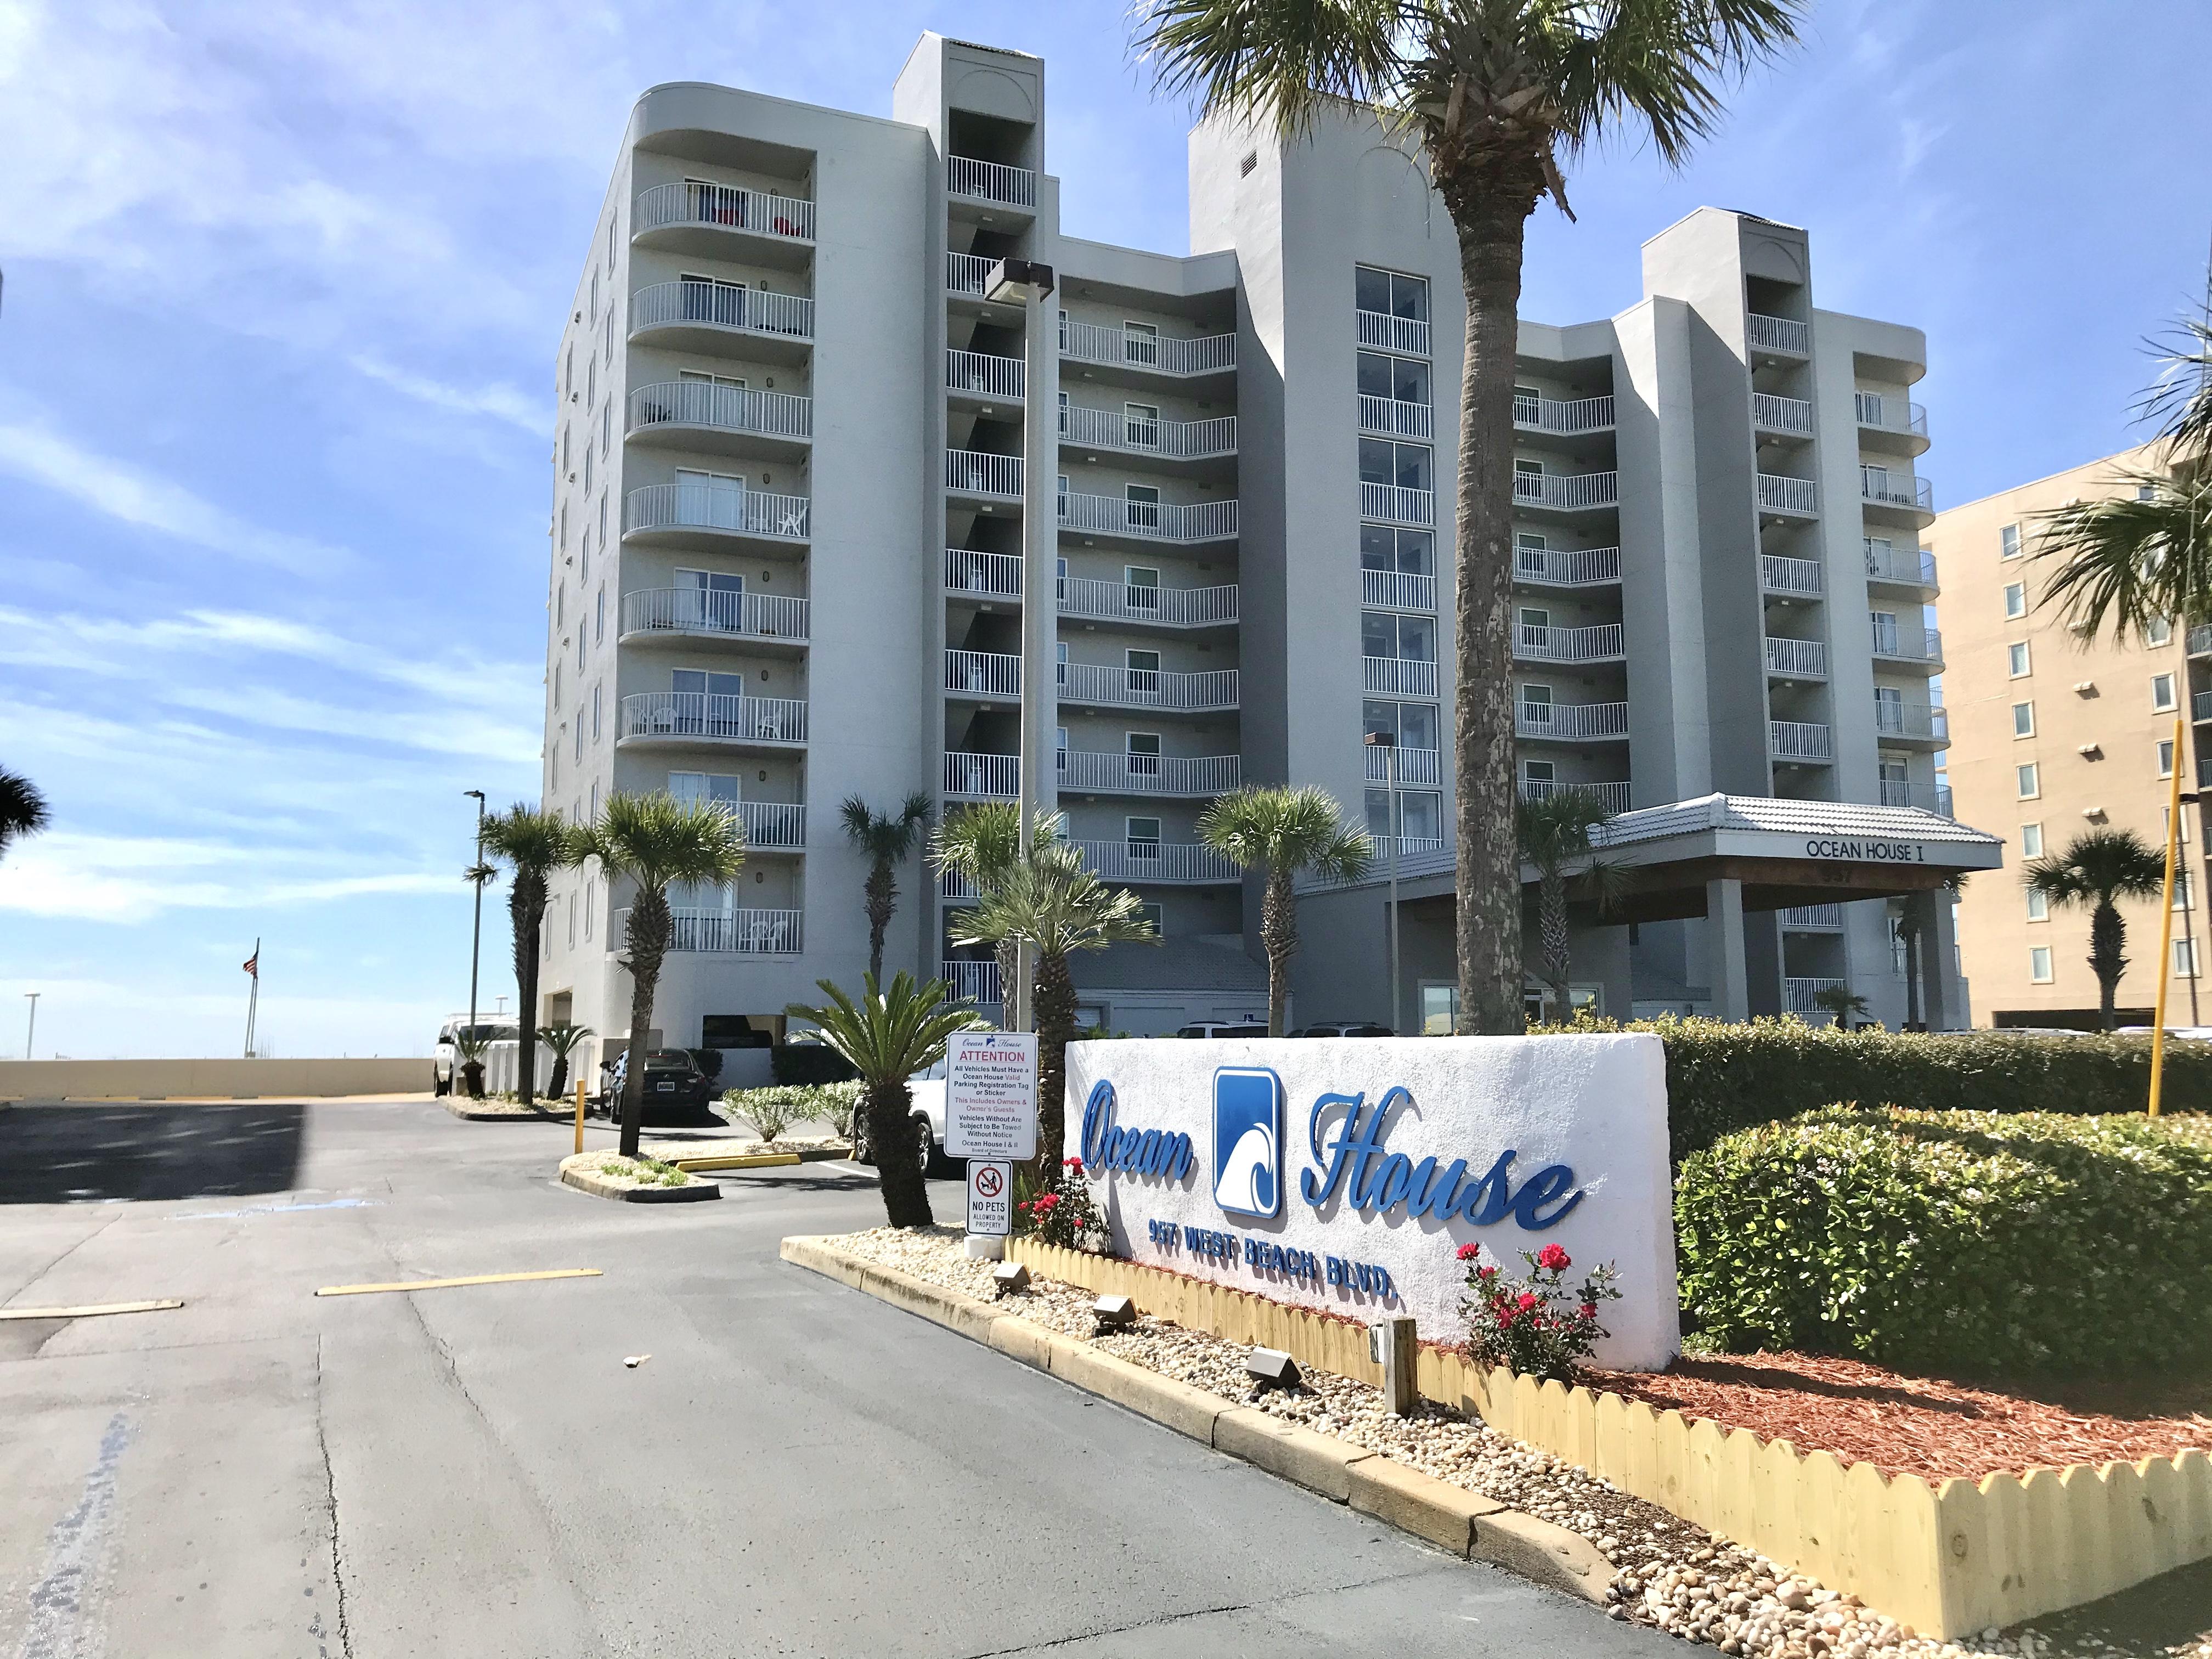 Ocean House 2706 Condo rental in Ocean House - Gulf Shores in Gulf Shores Alabama - #58